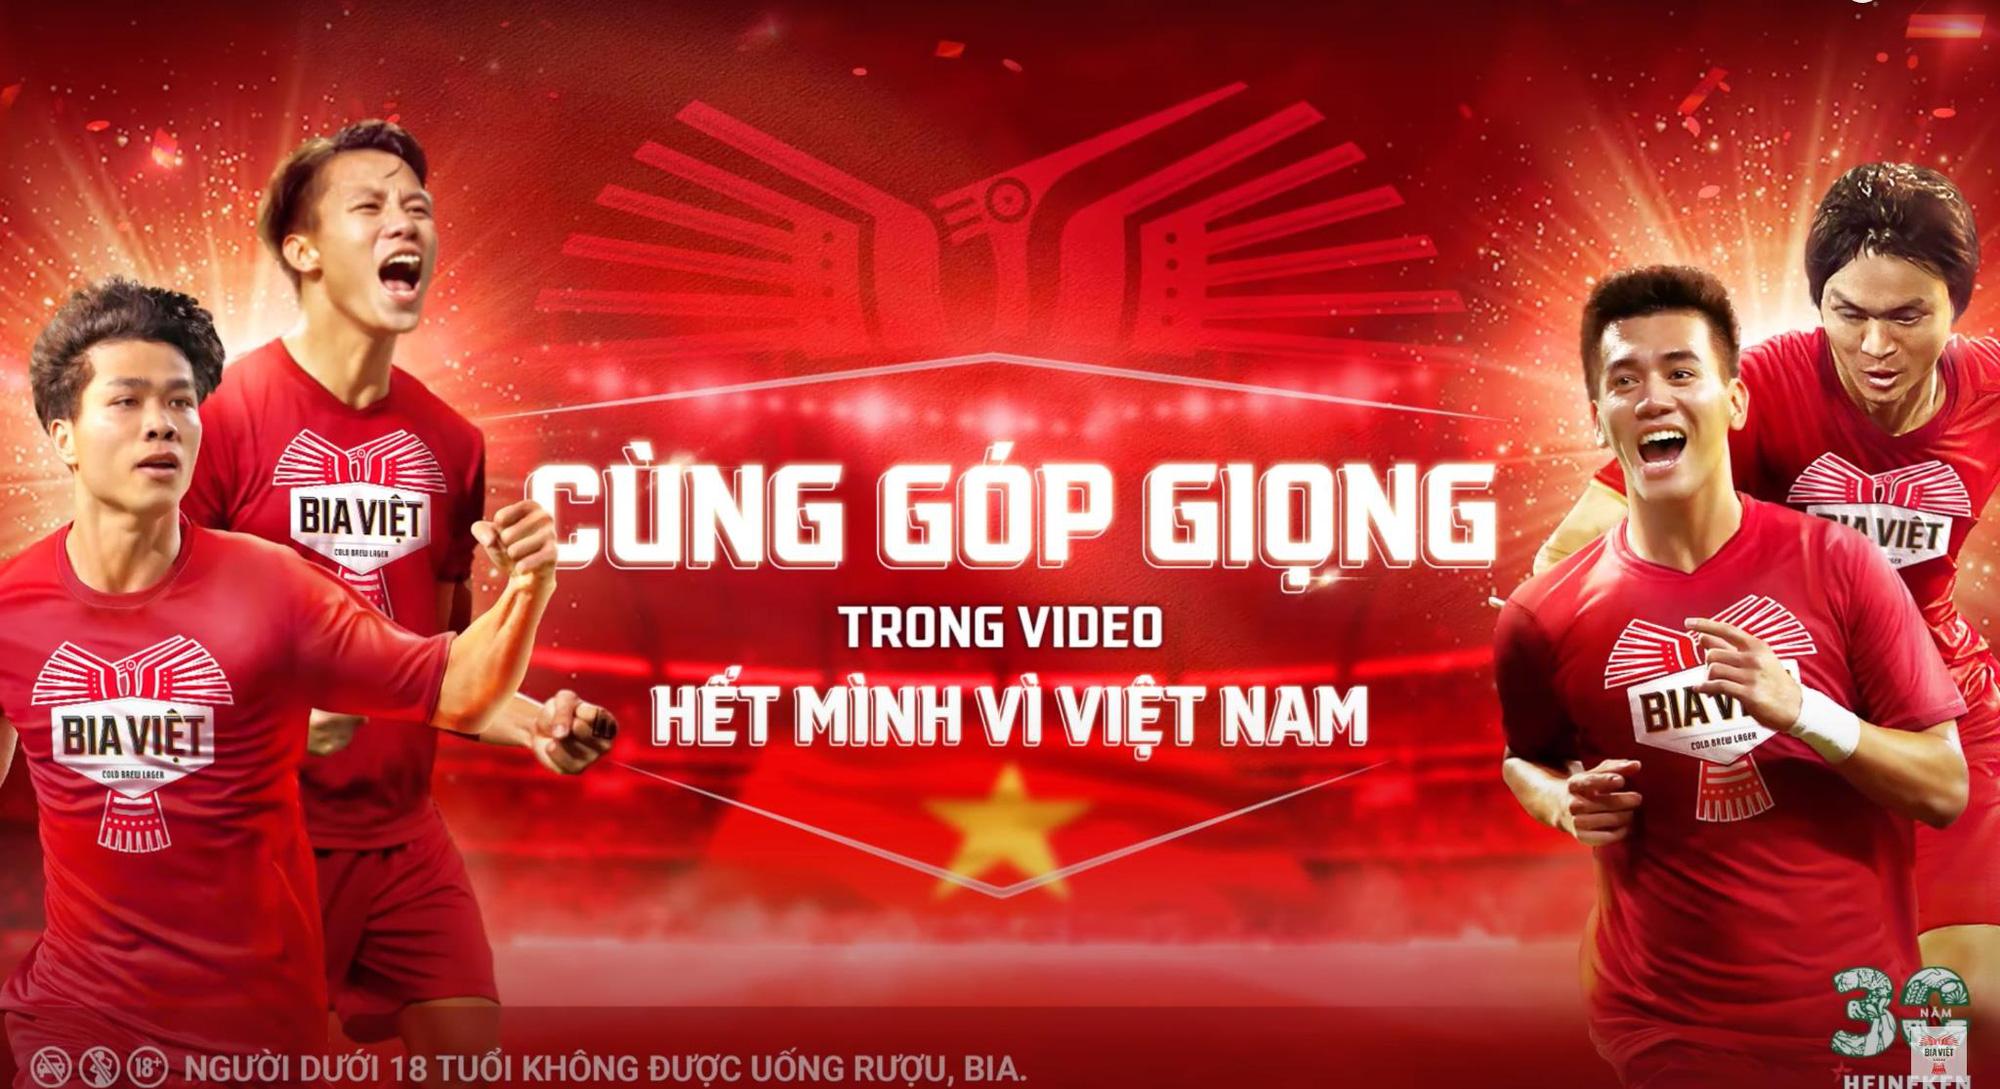 Người trẻ tự hào mang chất Việt, hết mình vì Việt Nam - Ảnh 4.